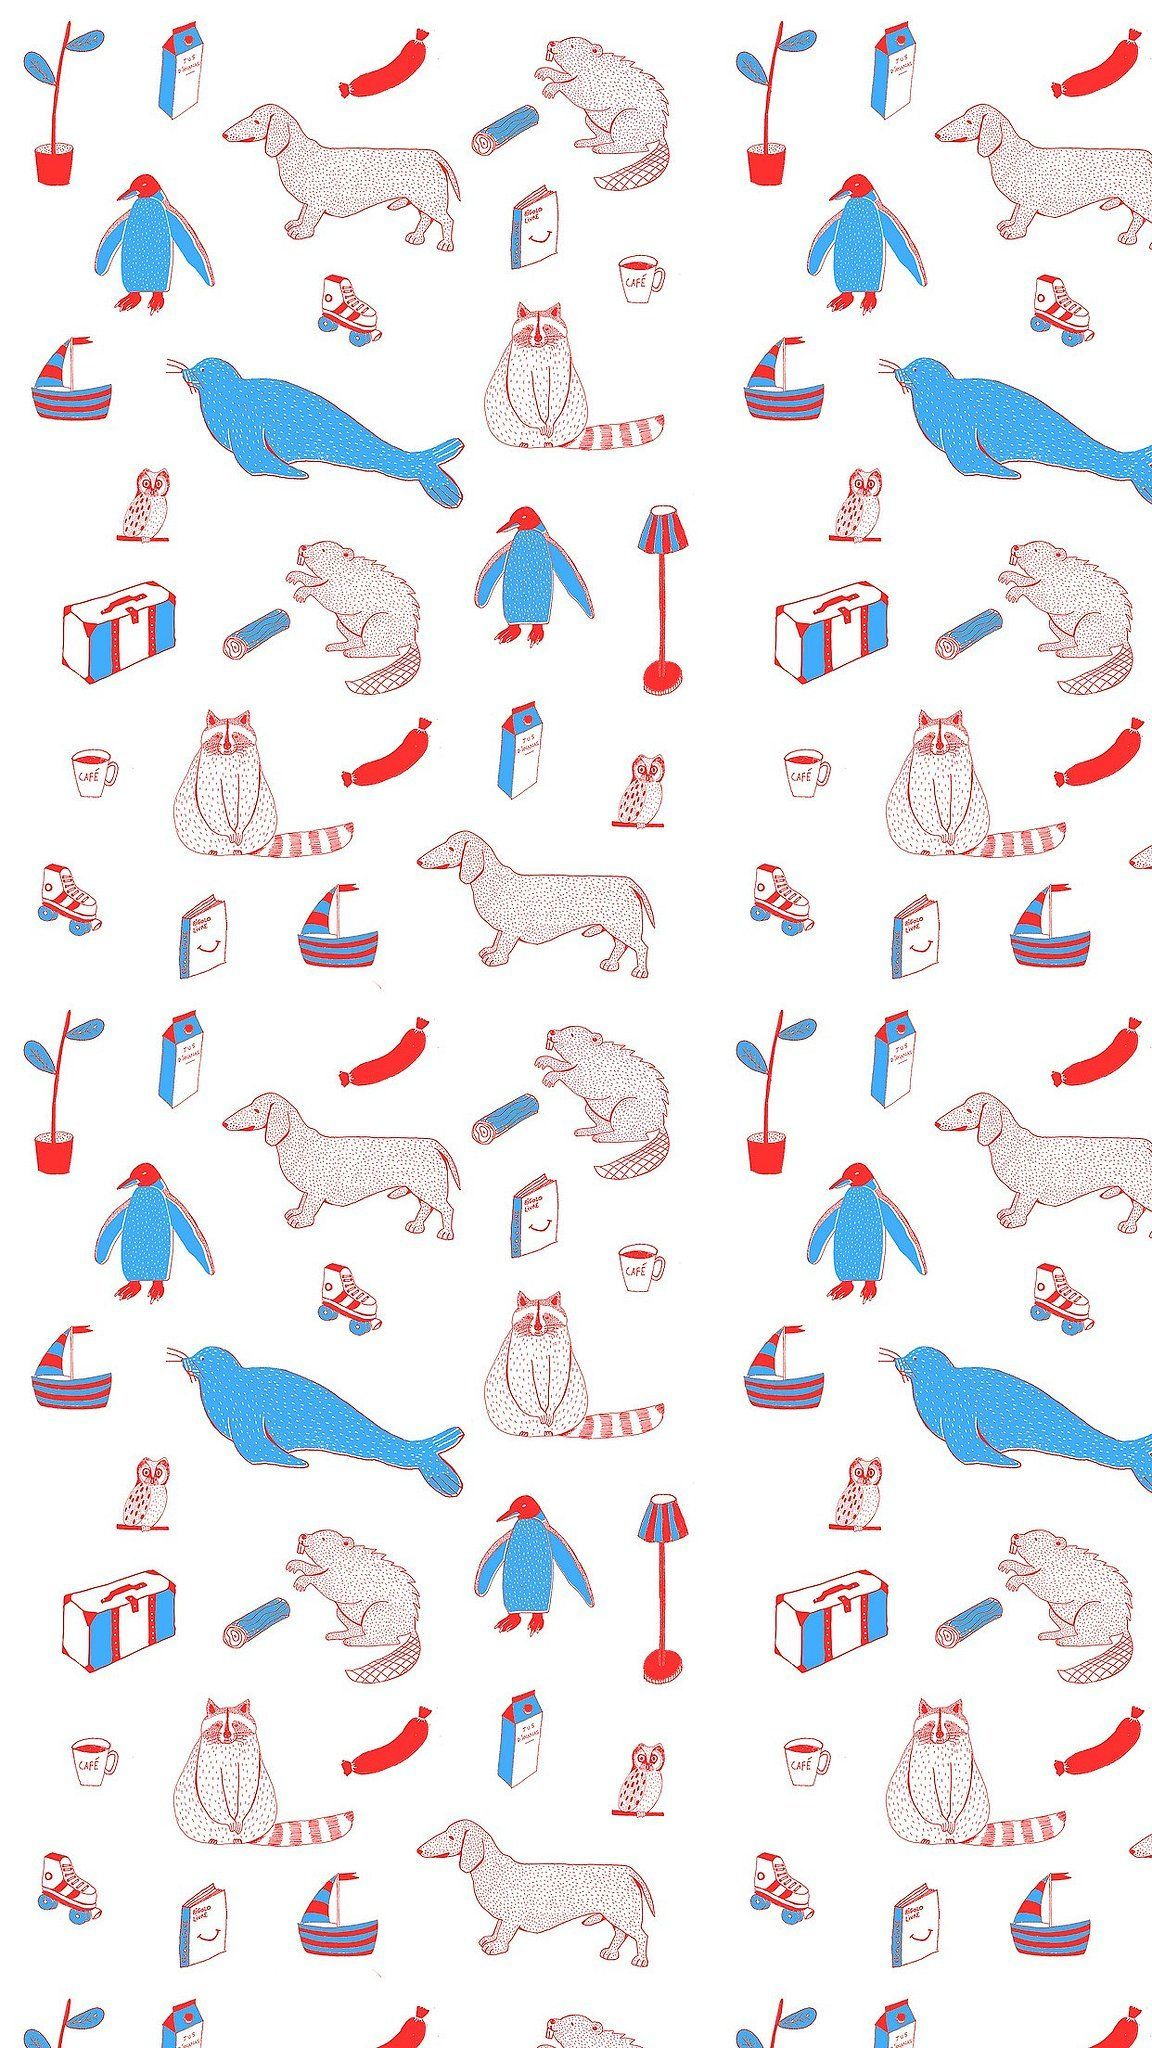 Shells Quirky Wallpaper Iphone Wallpaper Simple Prints